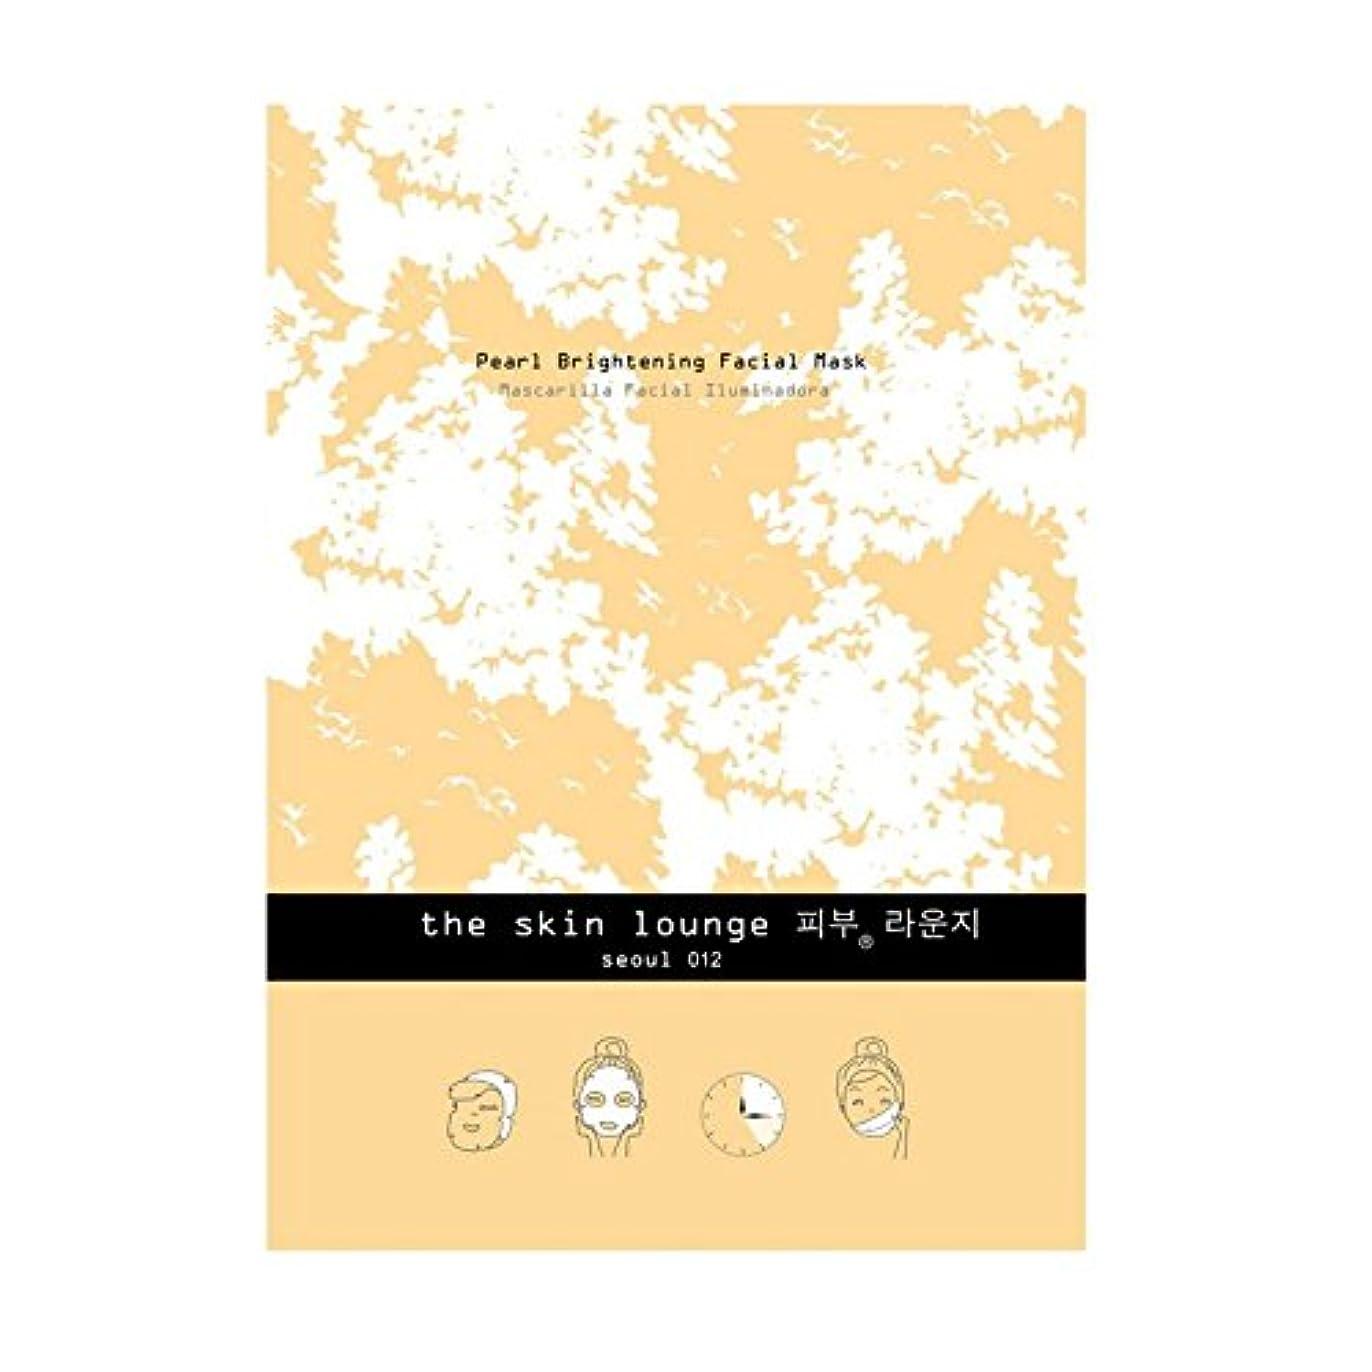 政権孤独な橋単一セルロースマスクを明るく皮膚ラウンジ真珠 x4 - The Skin Lounge Pearl Brightening Single Cellulose Mask (Pack of 4) [並行輸入品]